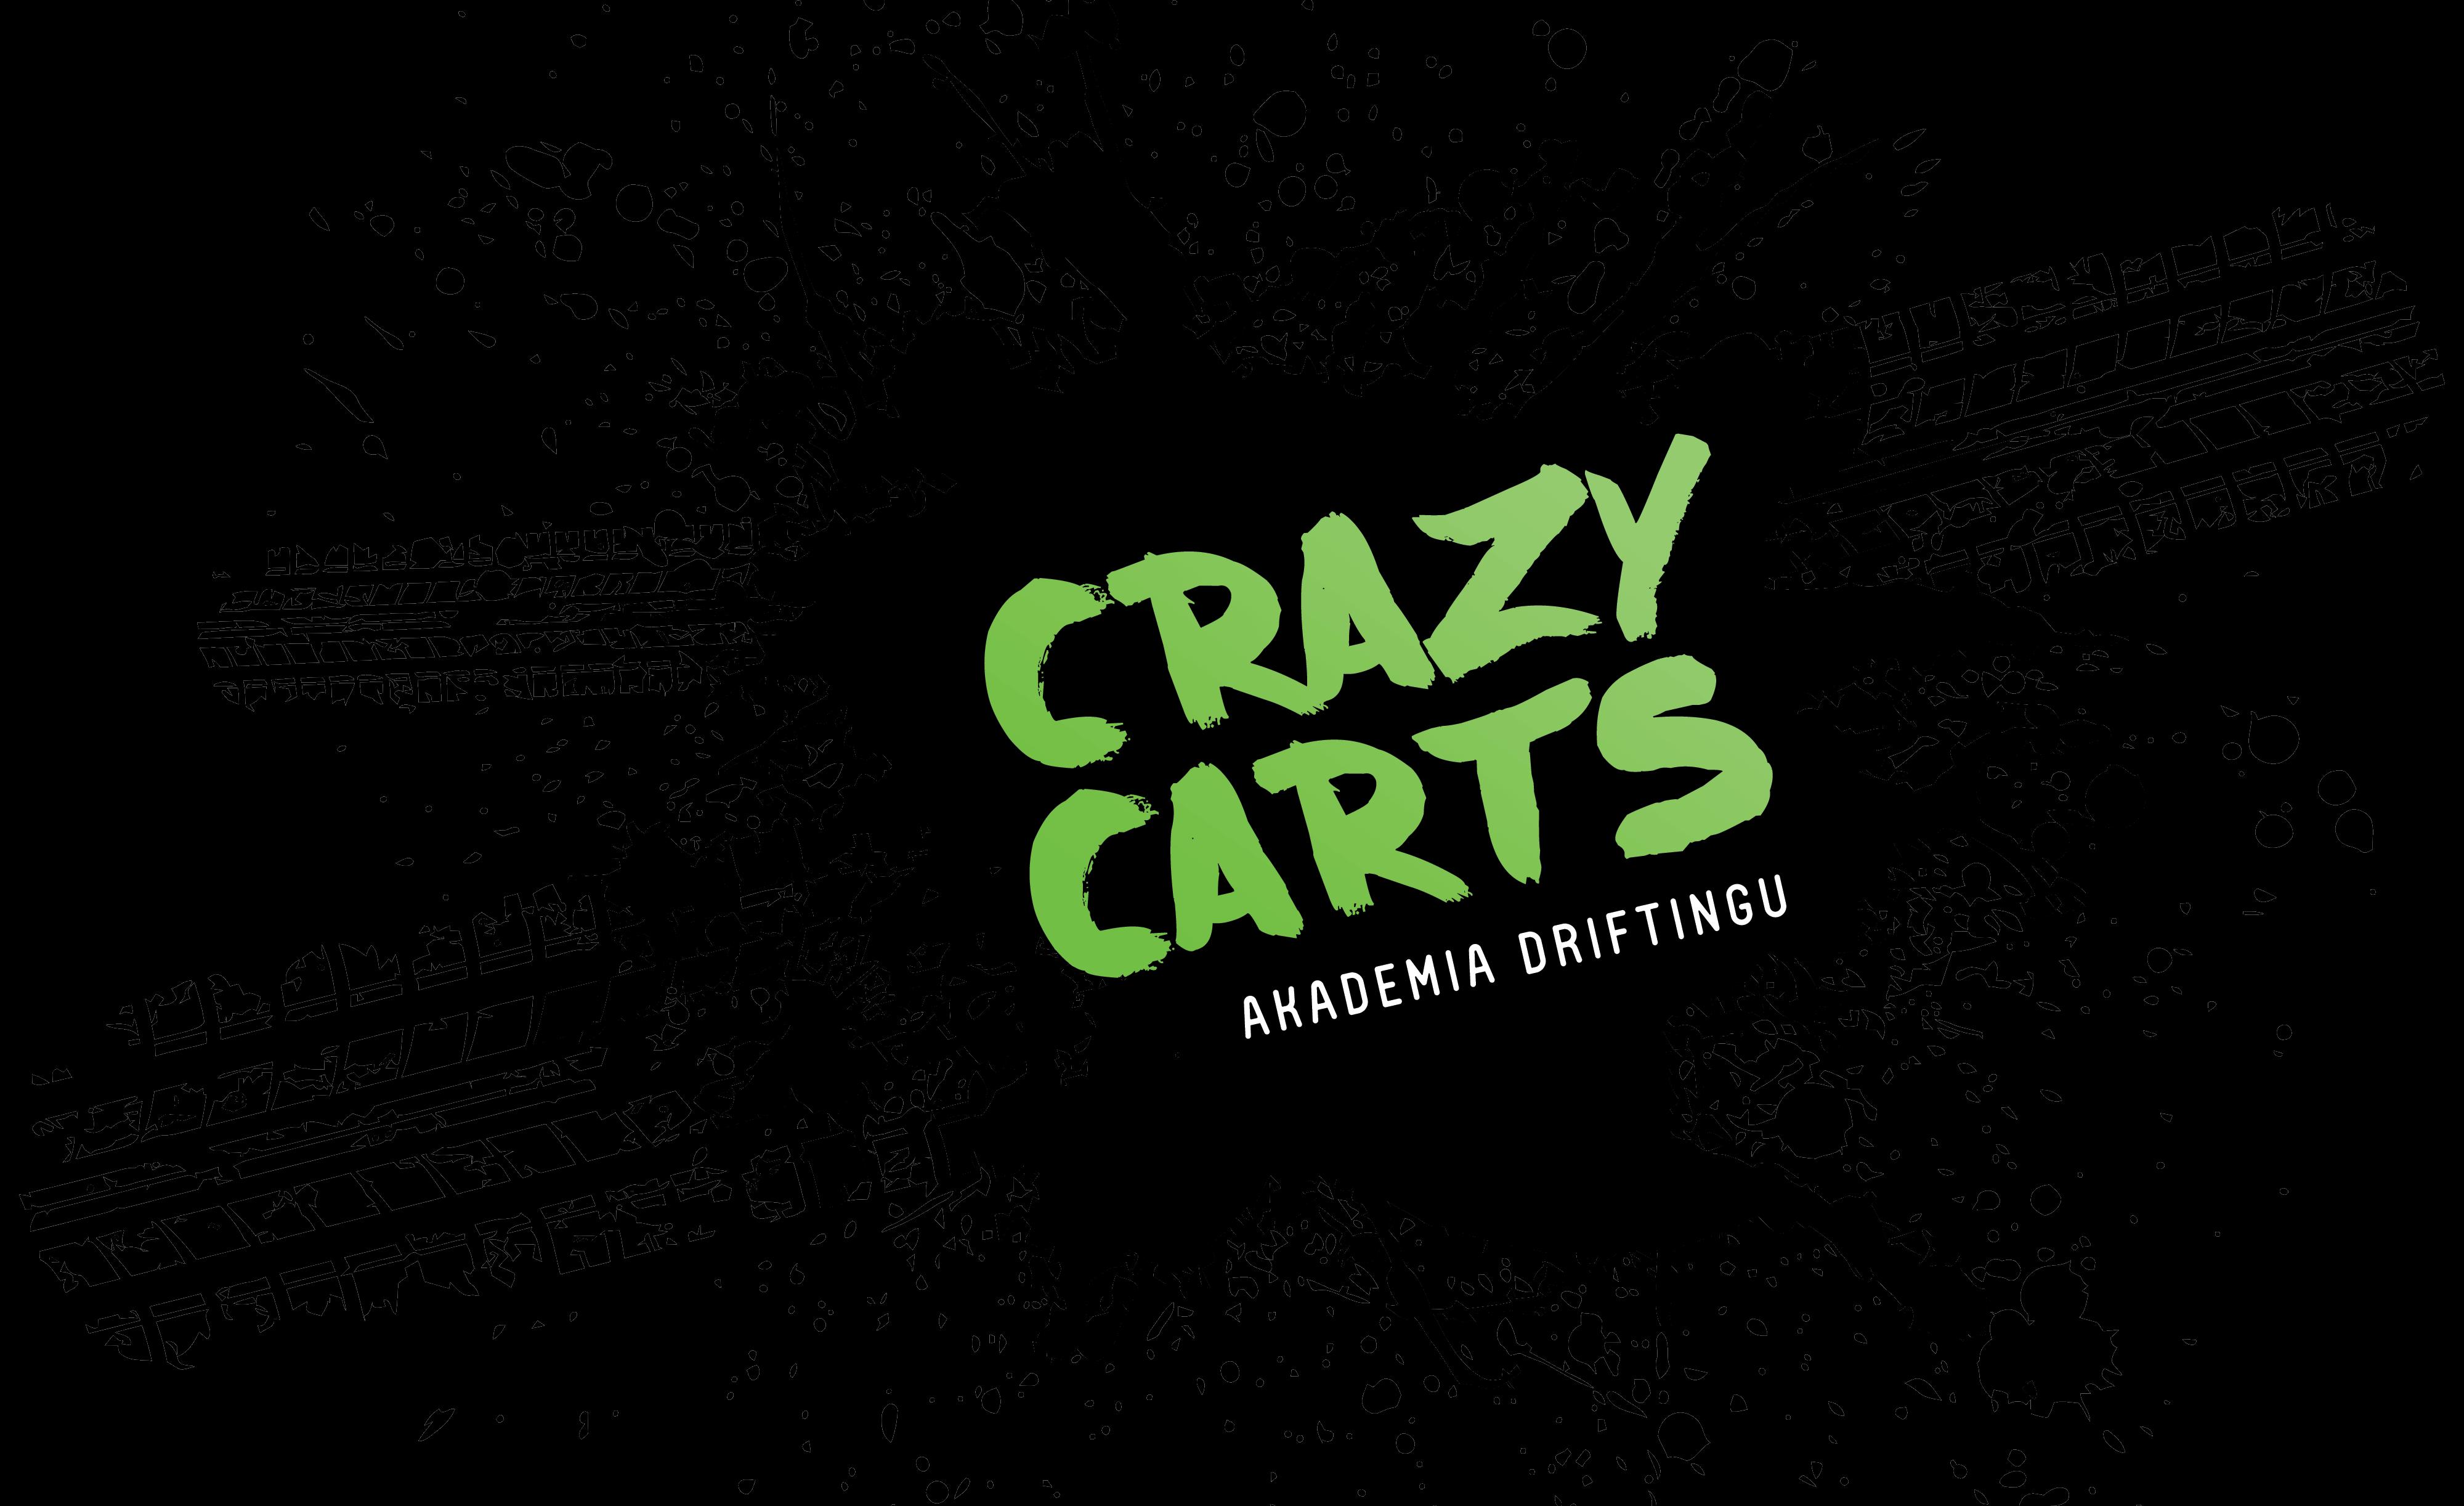 Logo CrazyCarts